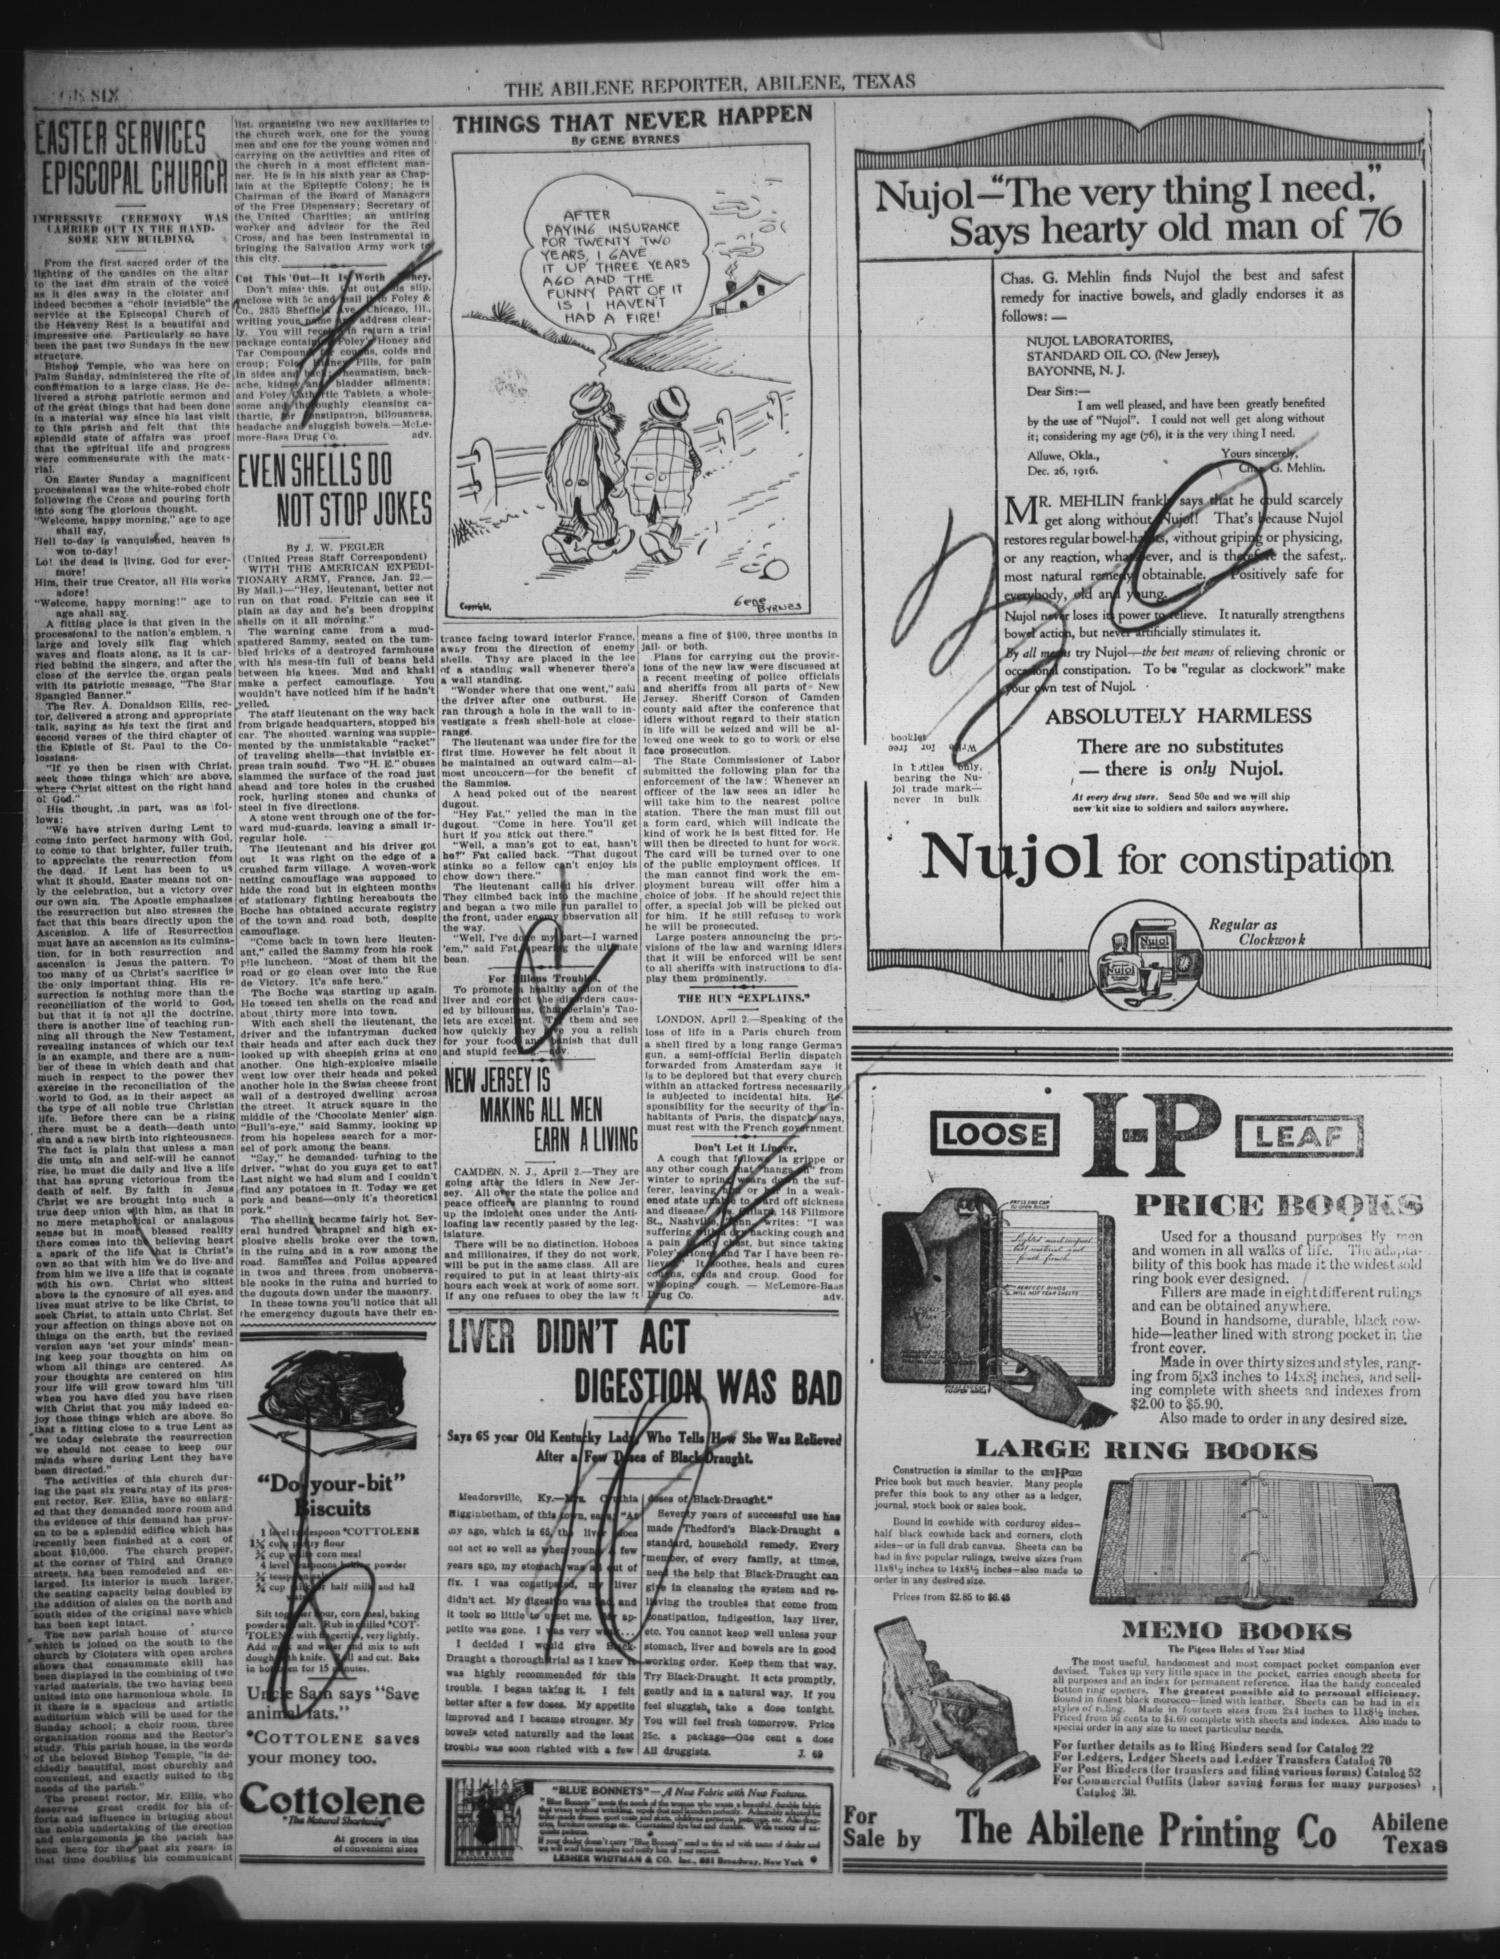 The Abilene Daily Reporter (Abilene, Tex ), Vol  22, No  13, Ed  1